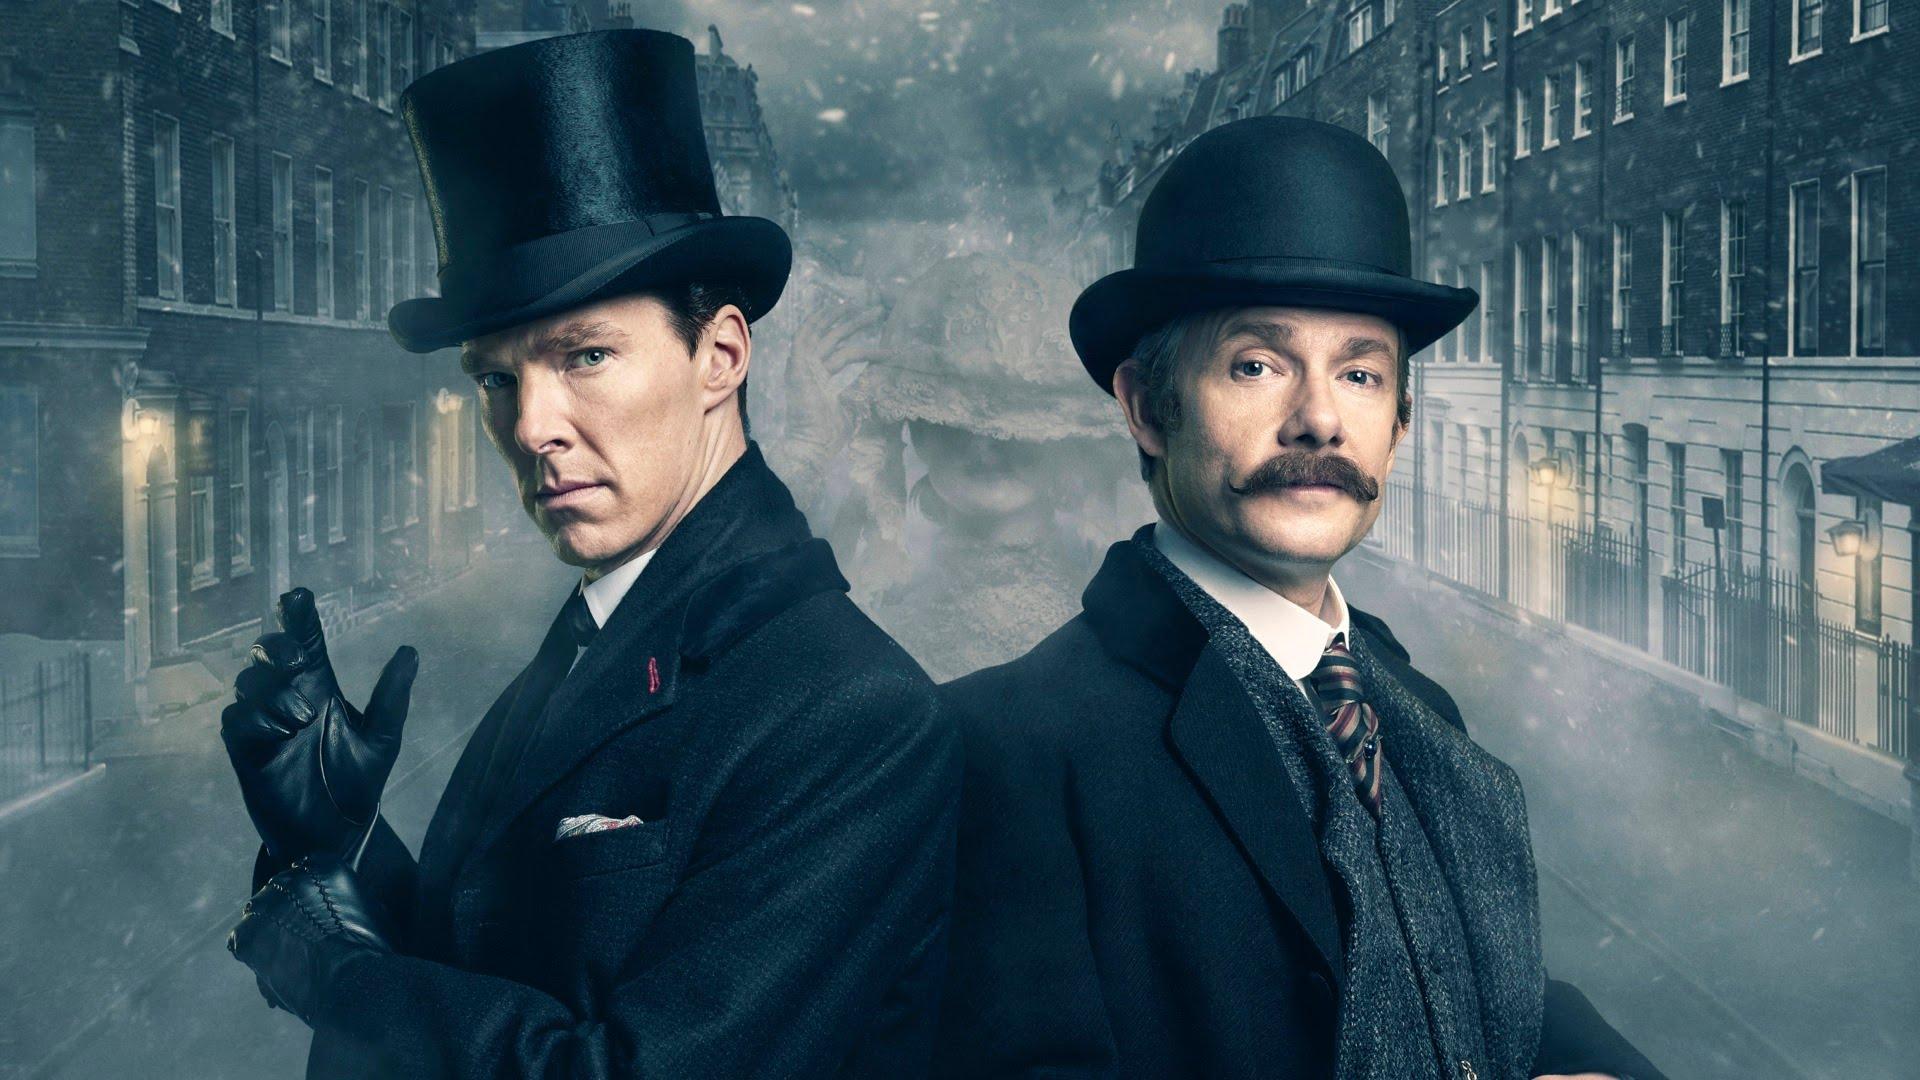 """Das """"Sherlock"""" Special """"The Abominable Bride"""" bekommt noch mal einen längeren Trailer"""